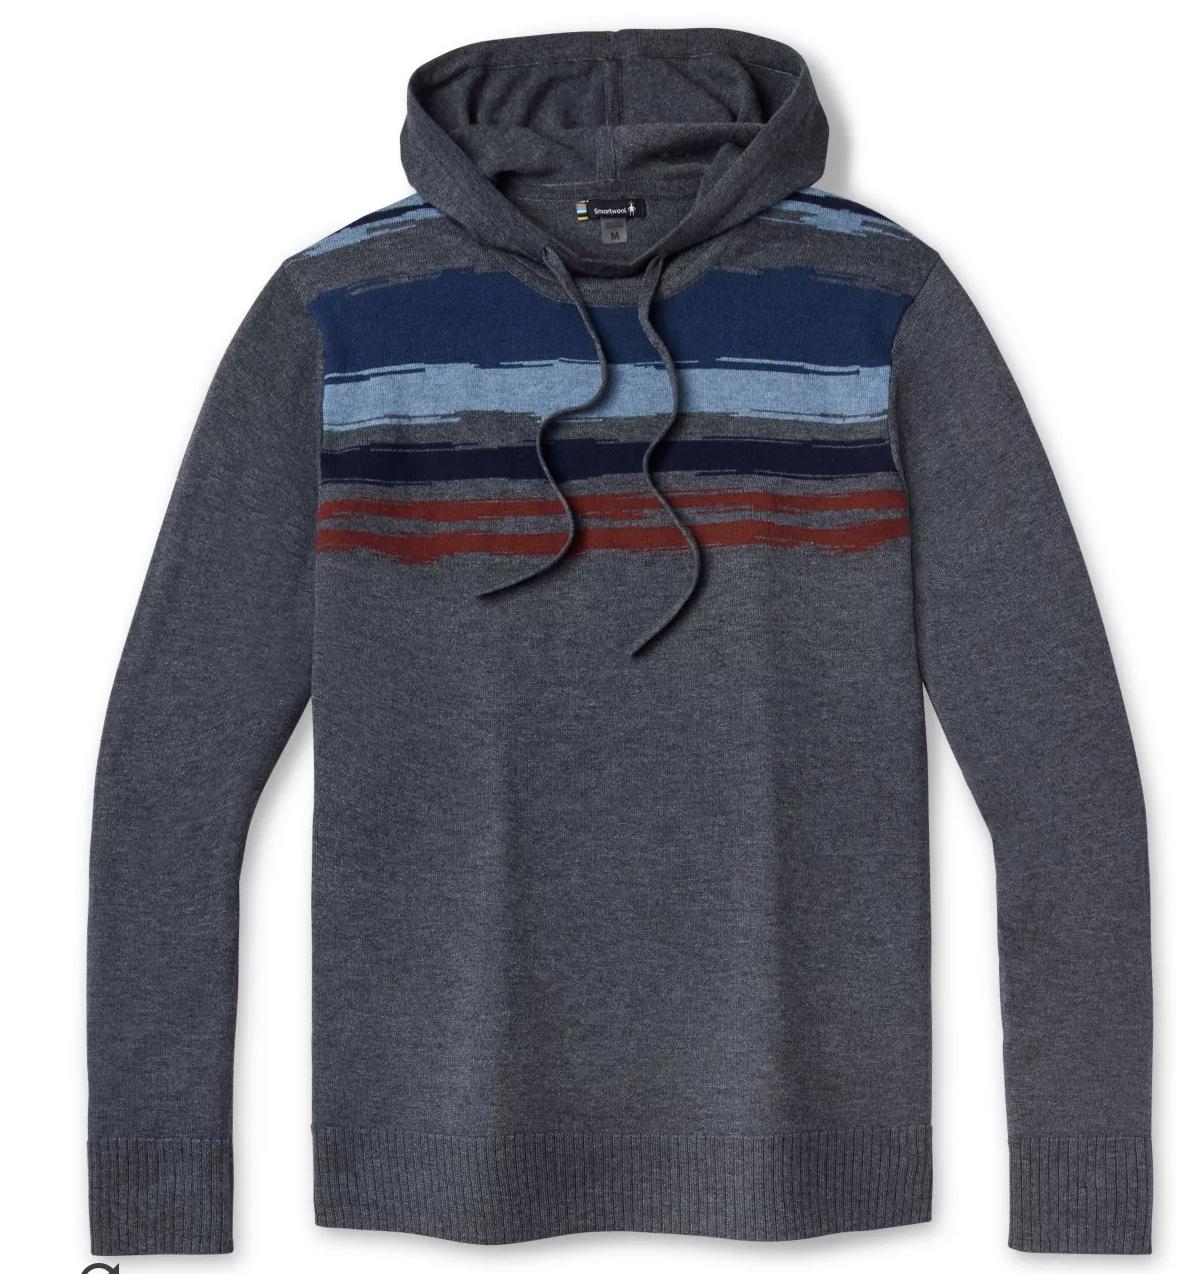 Smartwool Sparwood Hoodie Sweater Men's